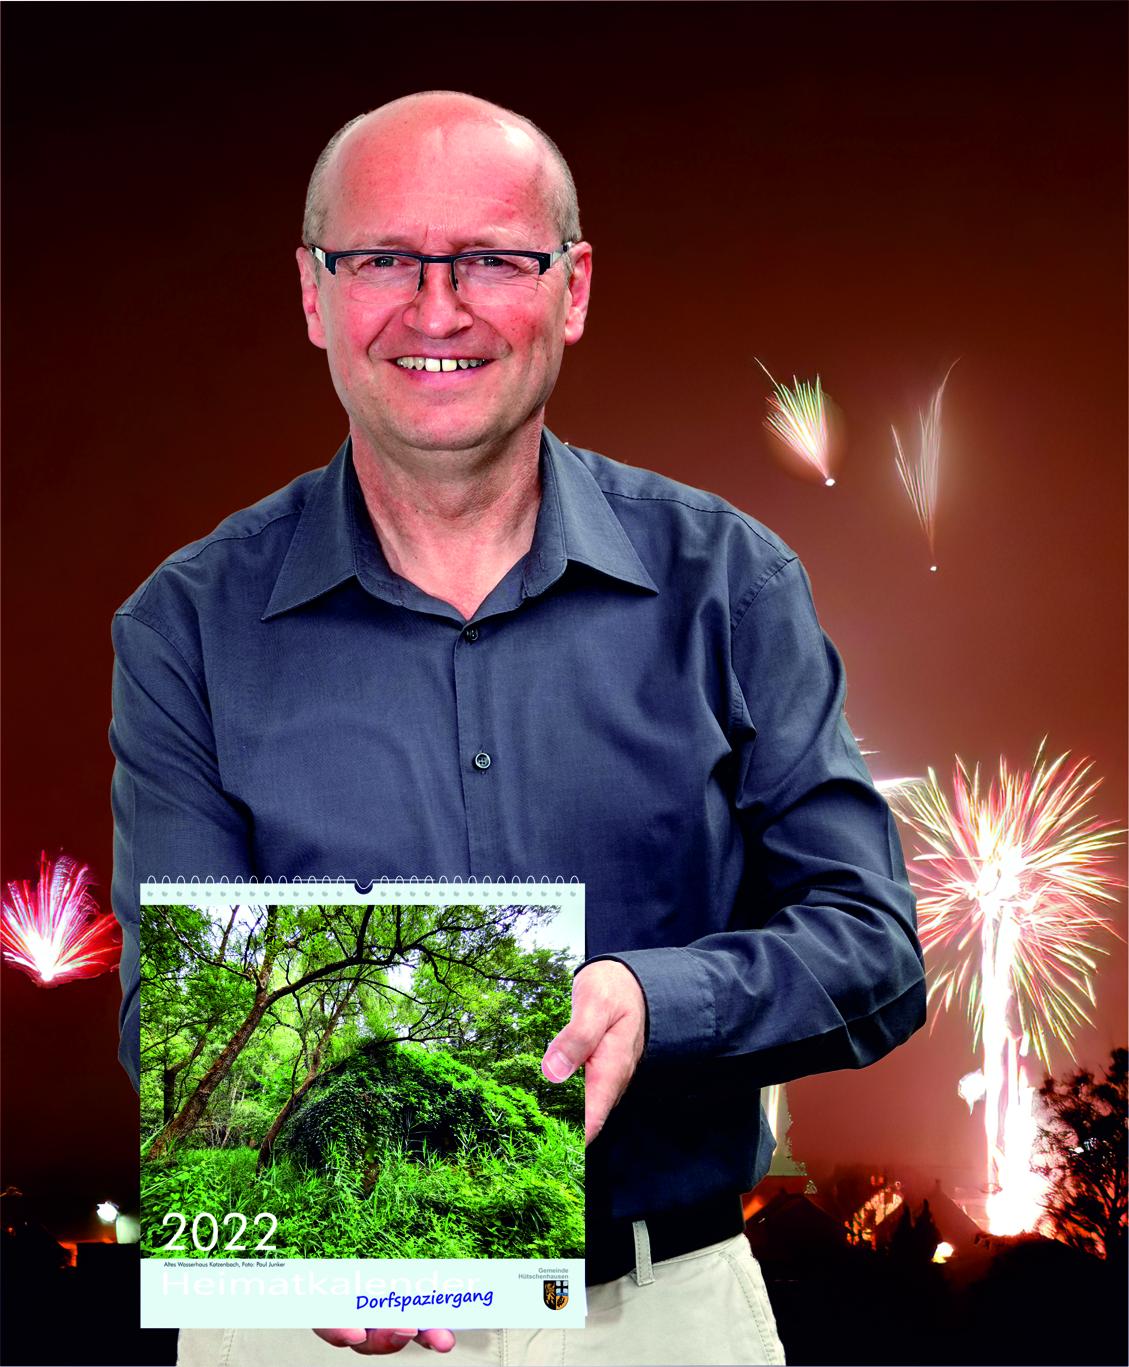 Ortsbürgermeister Matthias Mahl präsentiert den Heimatkalender 2022 vor dem Motiv des Monats Januar, dem Silversterfeuerwerk über Hütschenhausen.